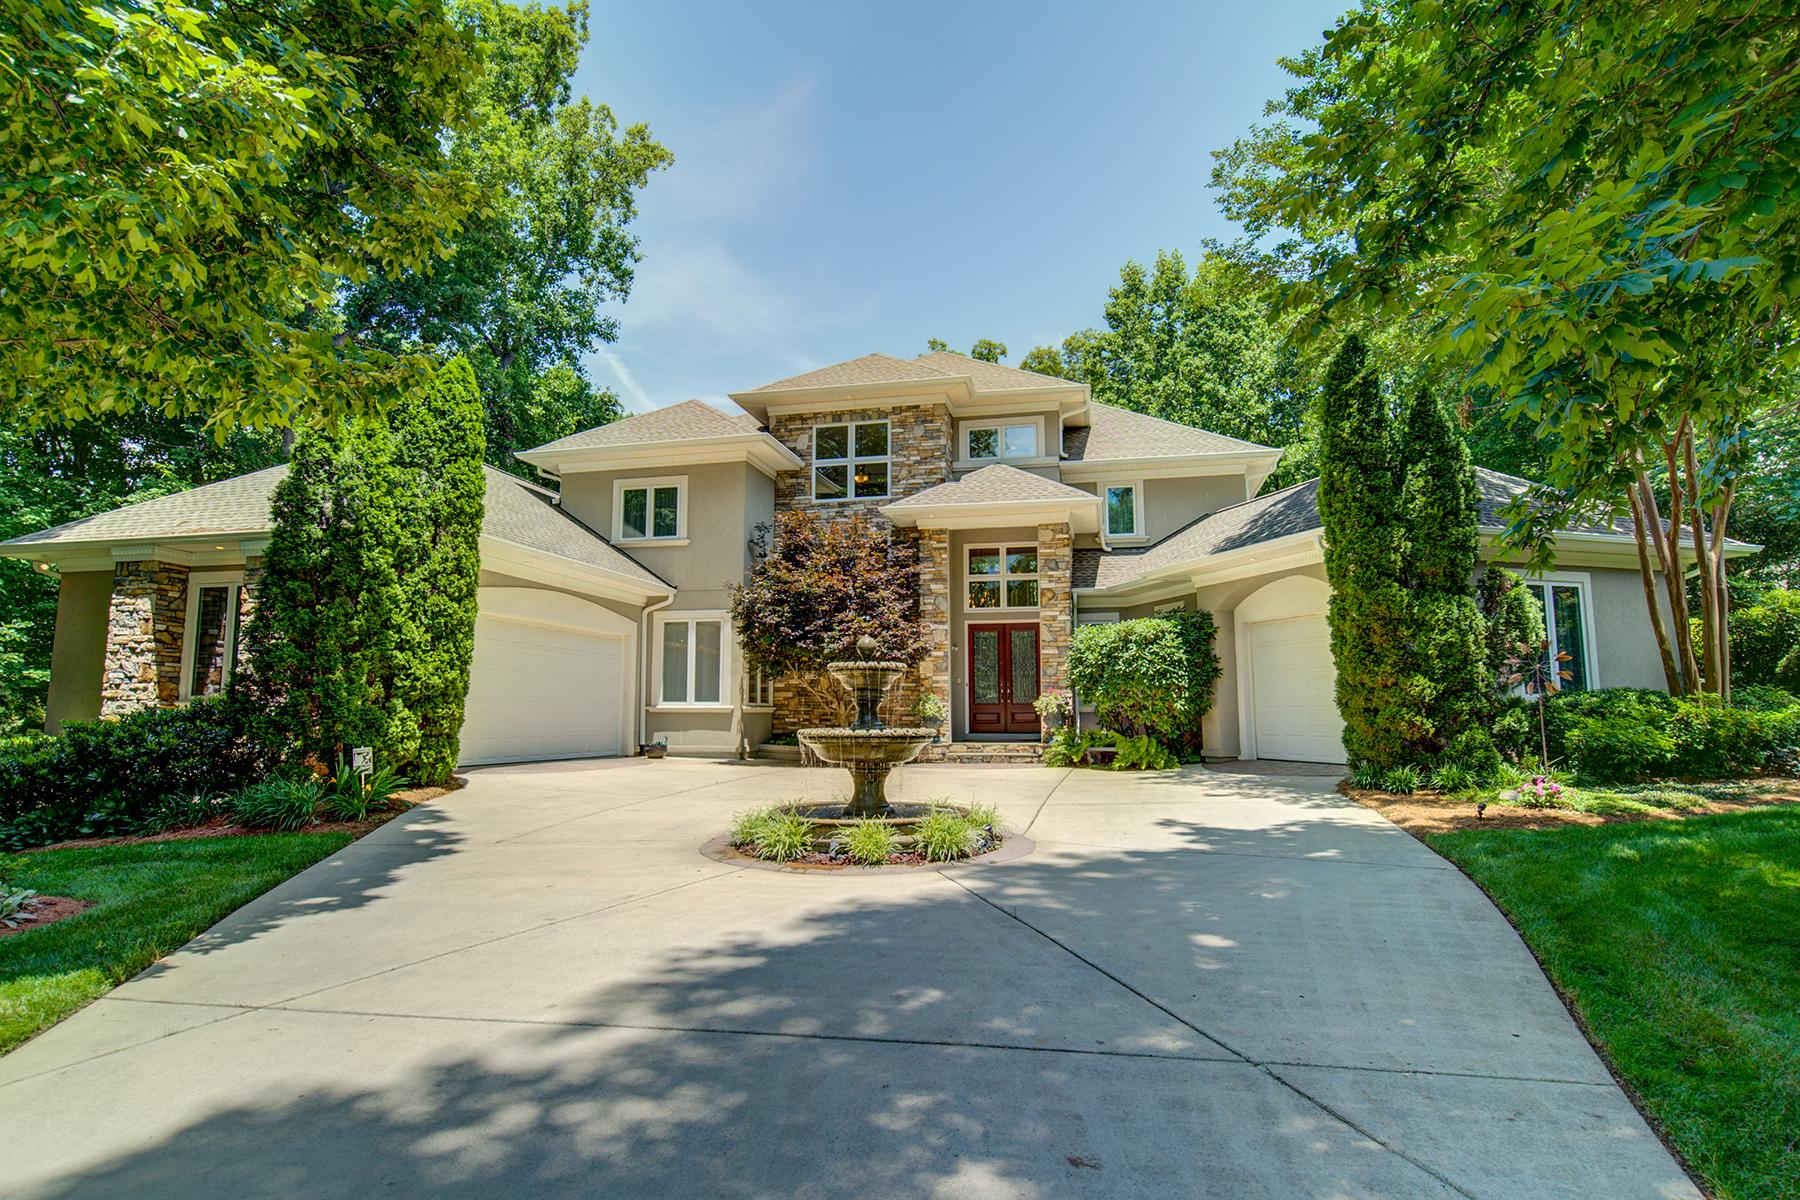 Single Family Homes για την Πώληση στο OVERLOOK 12530 Preservation Pointe Dr, Charlotte, Βορεια Καρολινα 28216 Ηνωμένες Πολιτείες